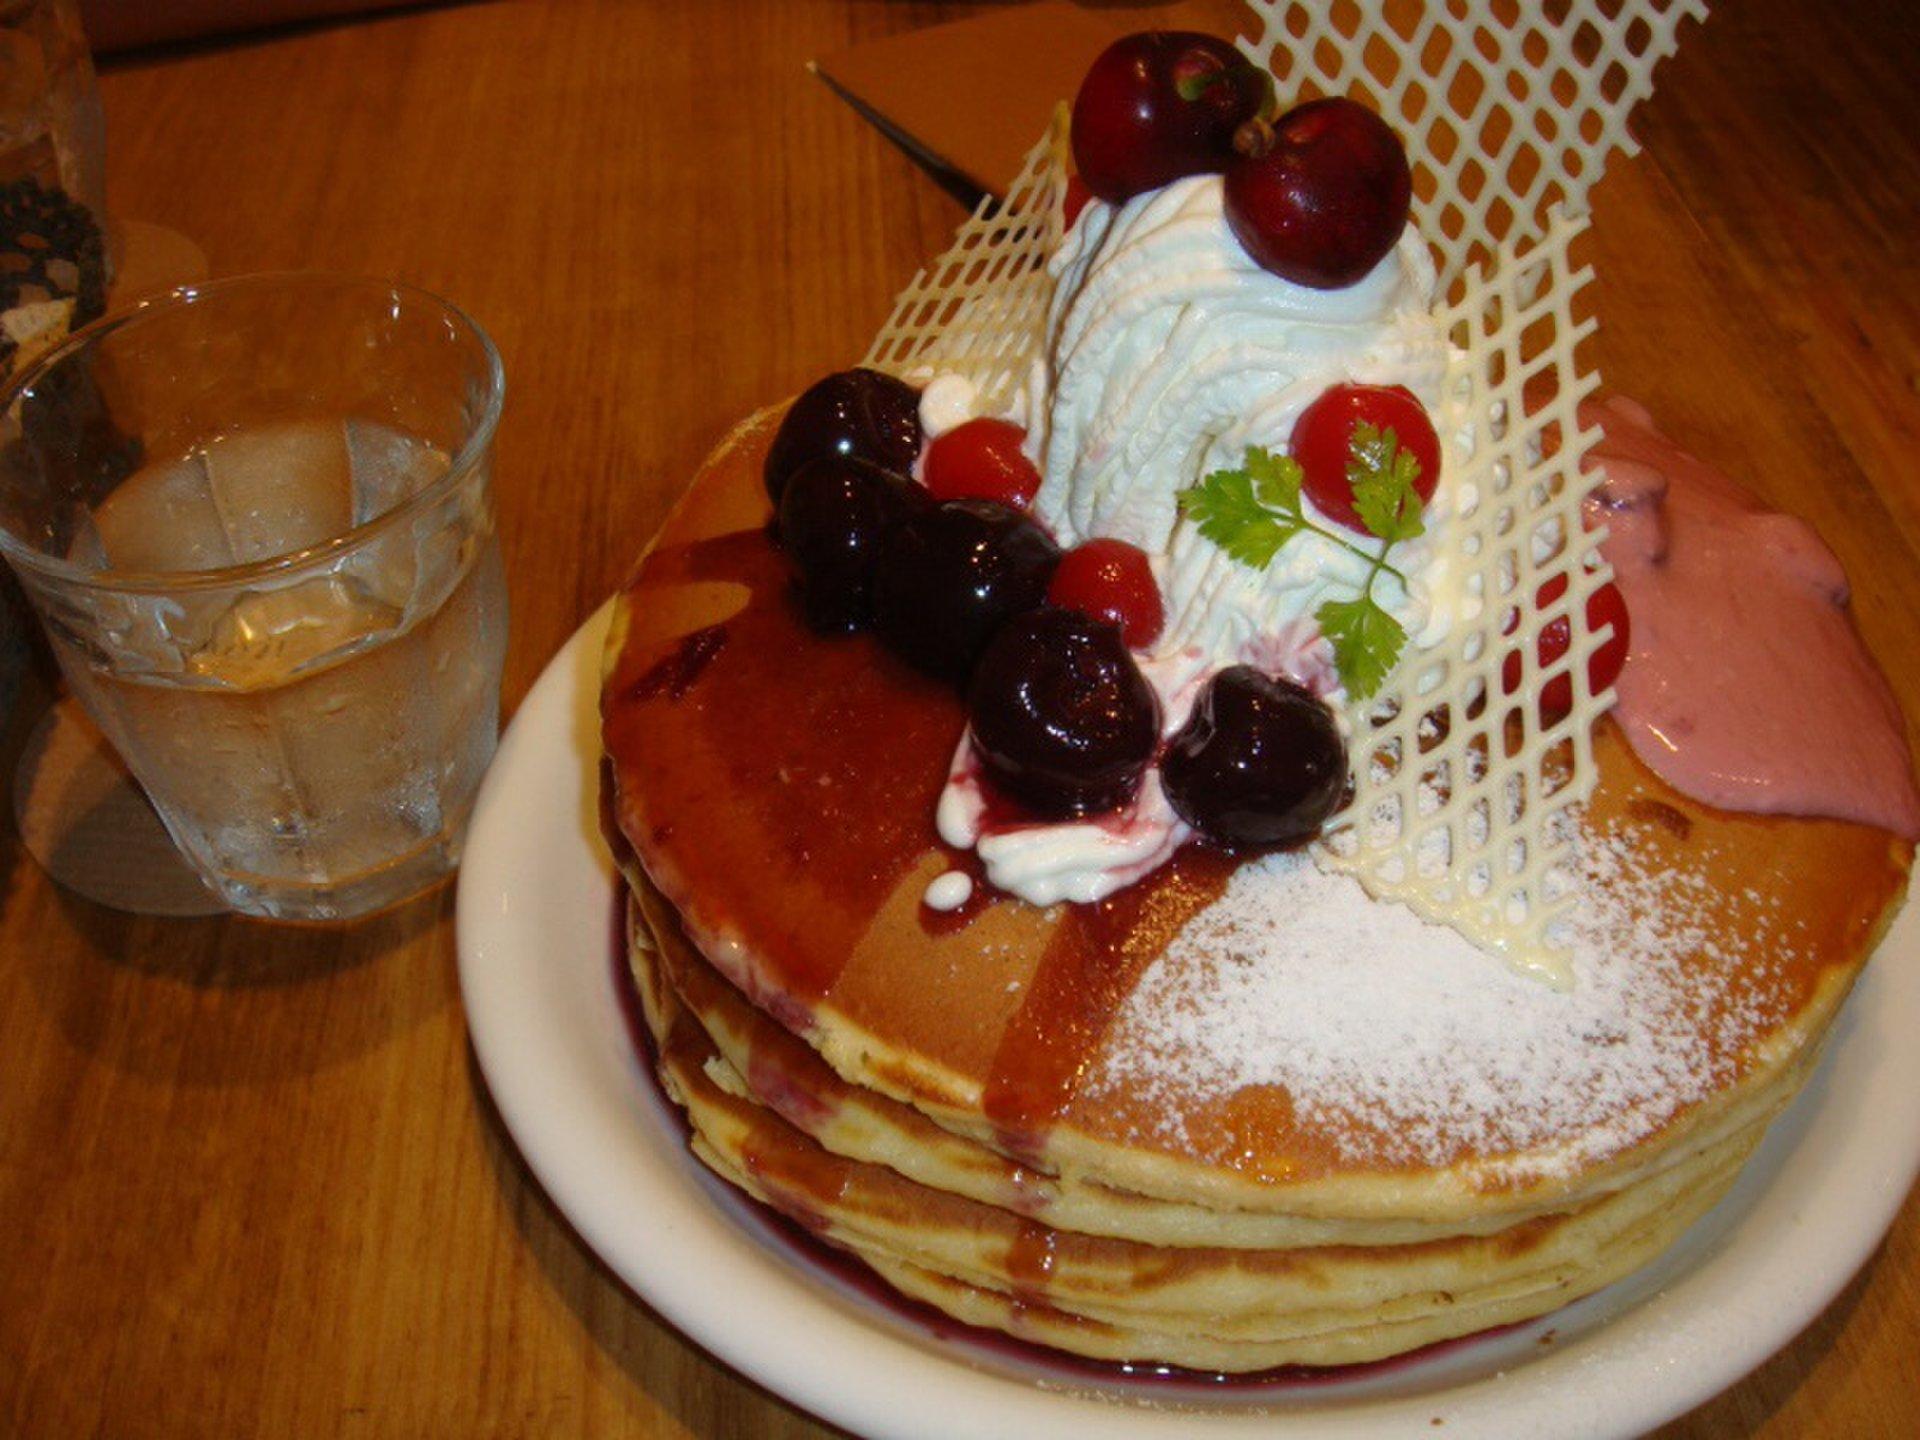 【待ち時間なしで食べれる!】みなとみらい、横浜で穴場な有名パンケーキ店5選!